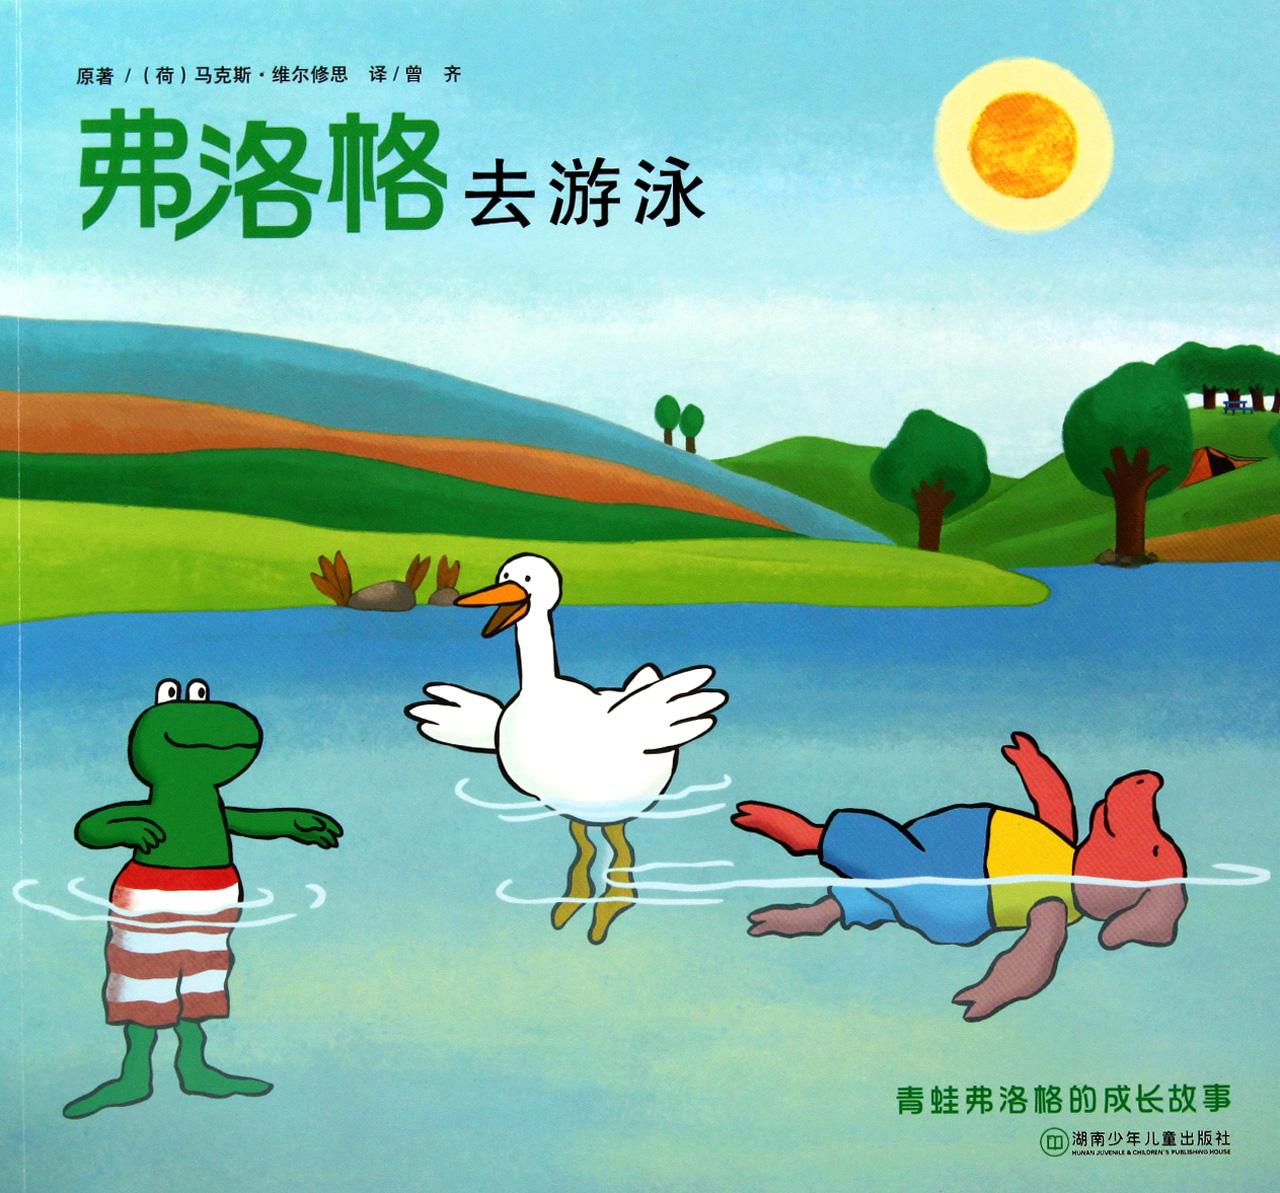 卡通青蛙成长图